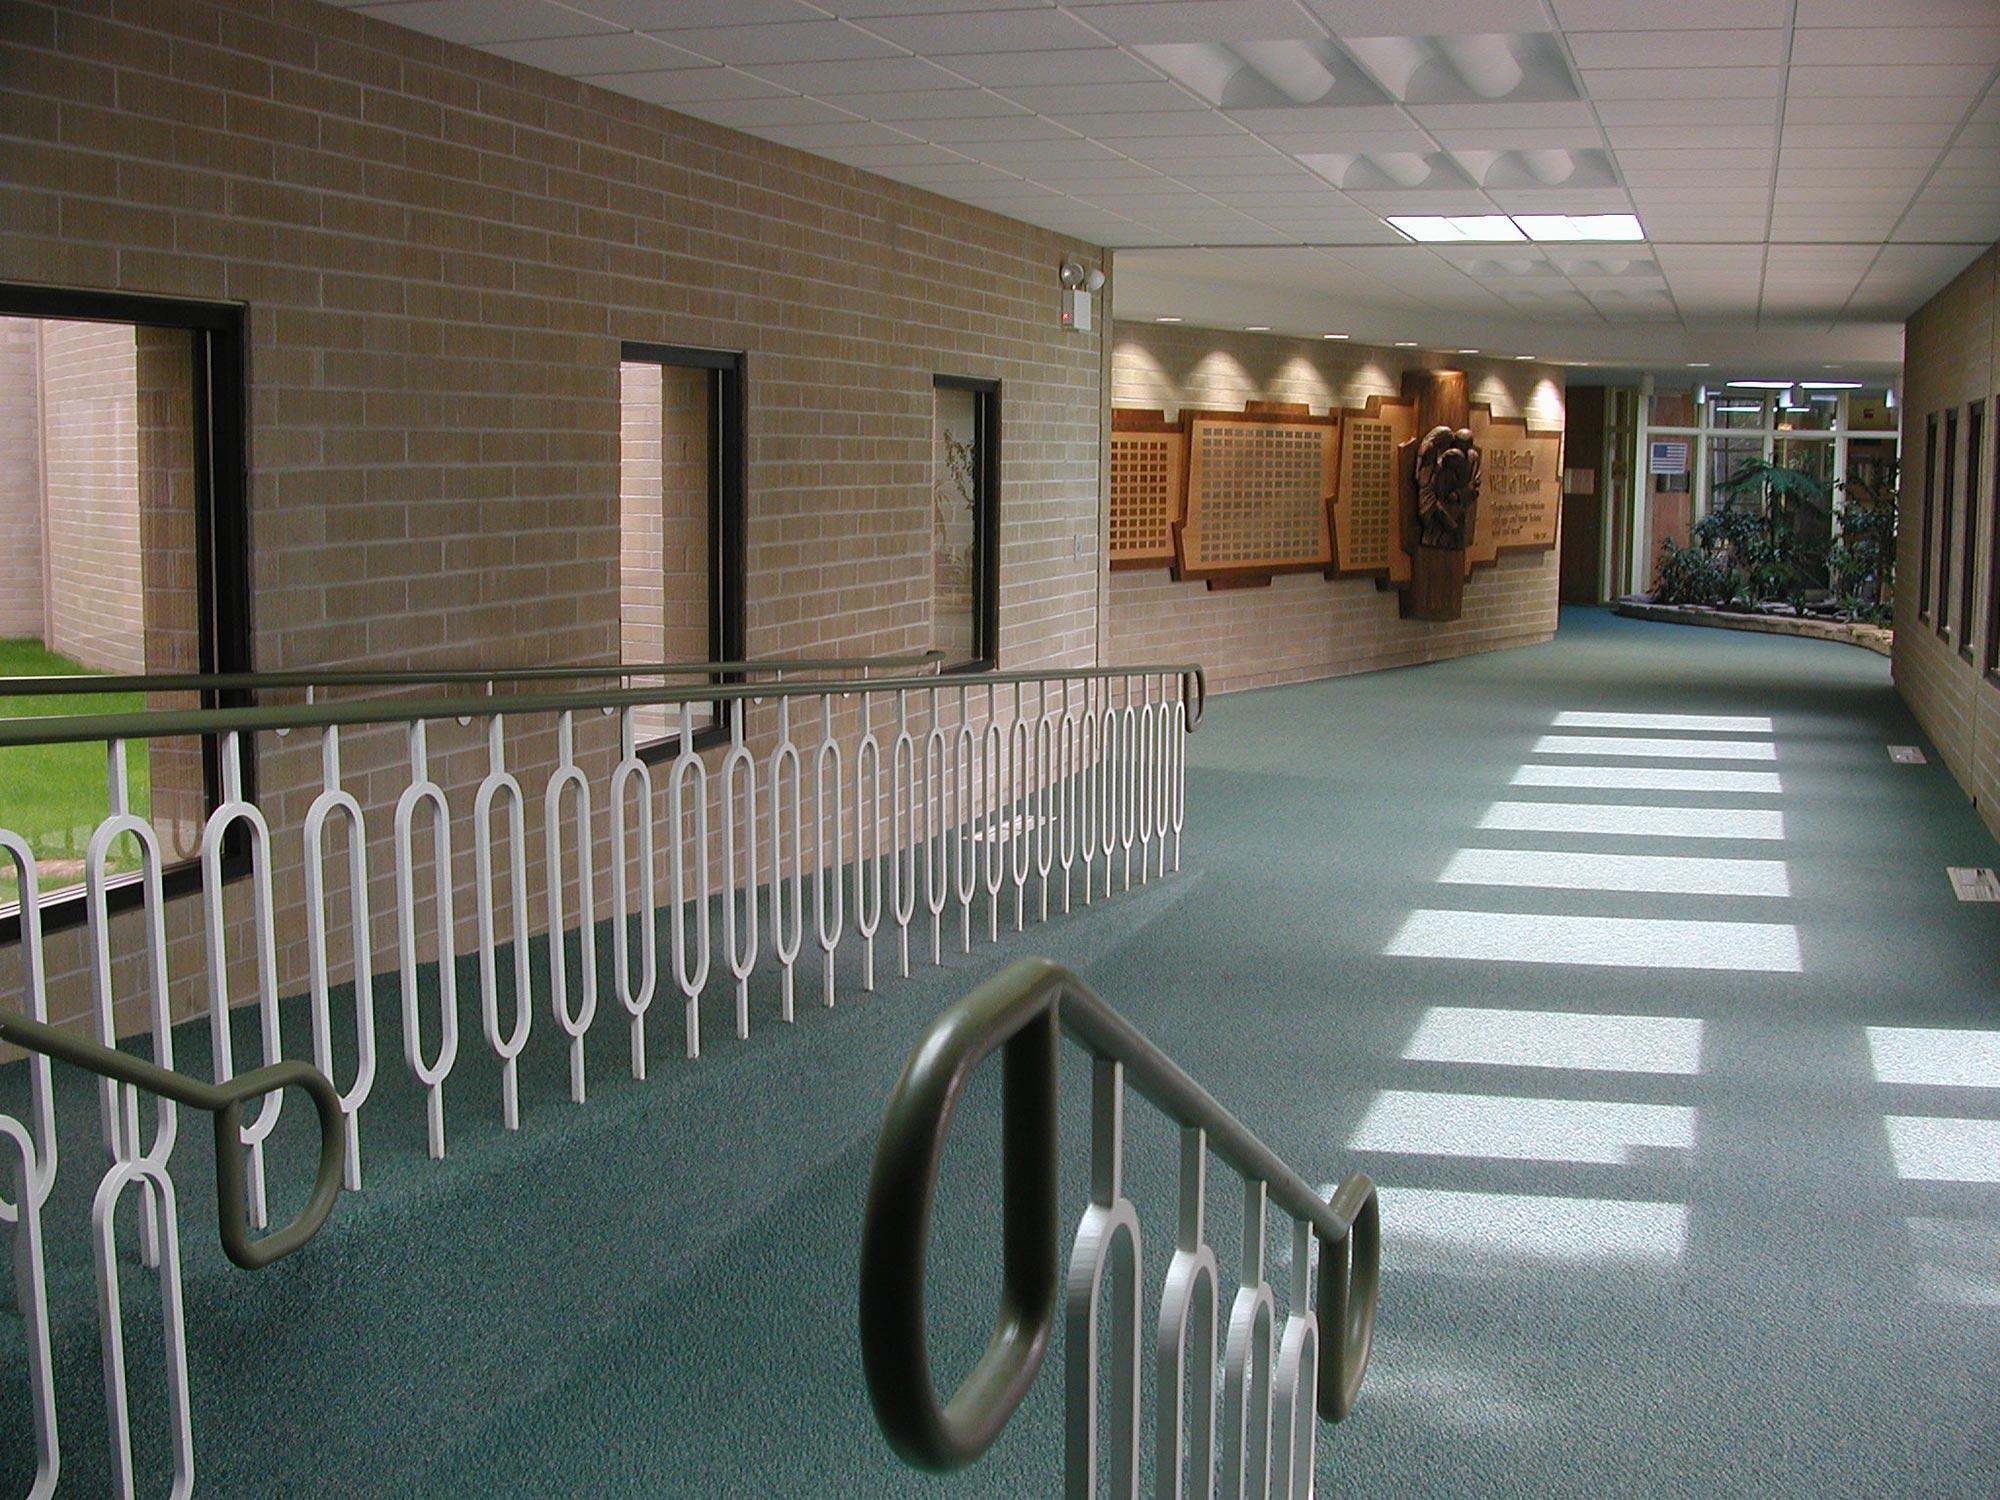 good hallway 2615-2x.jpg